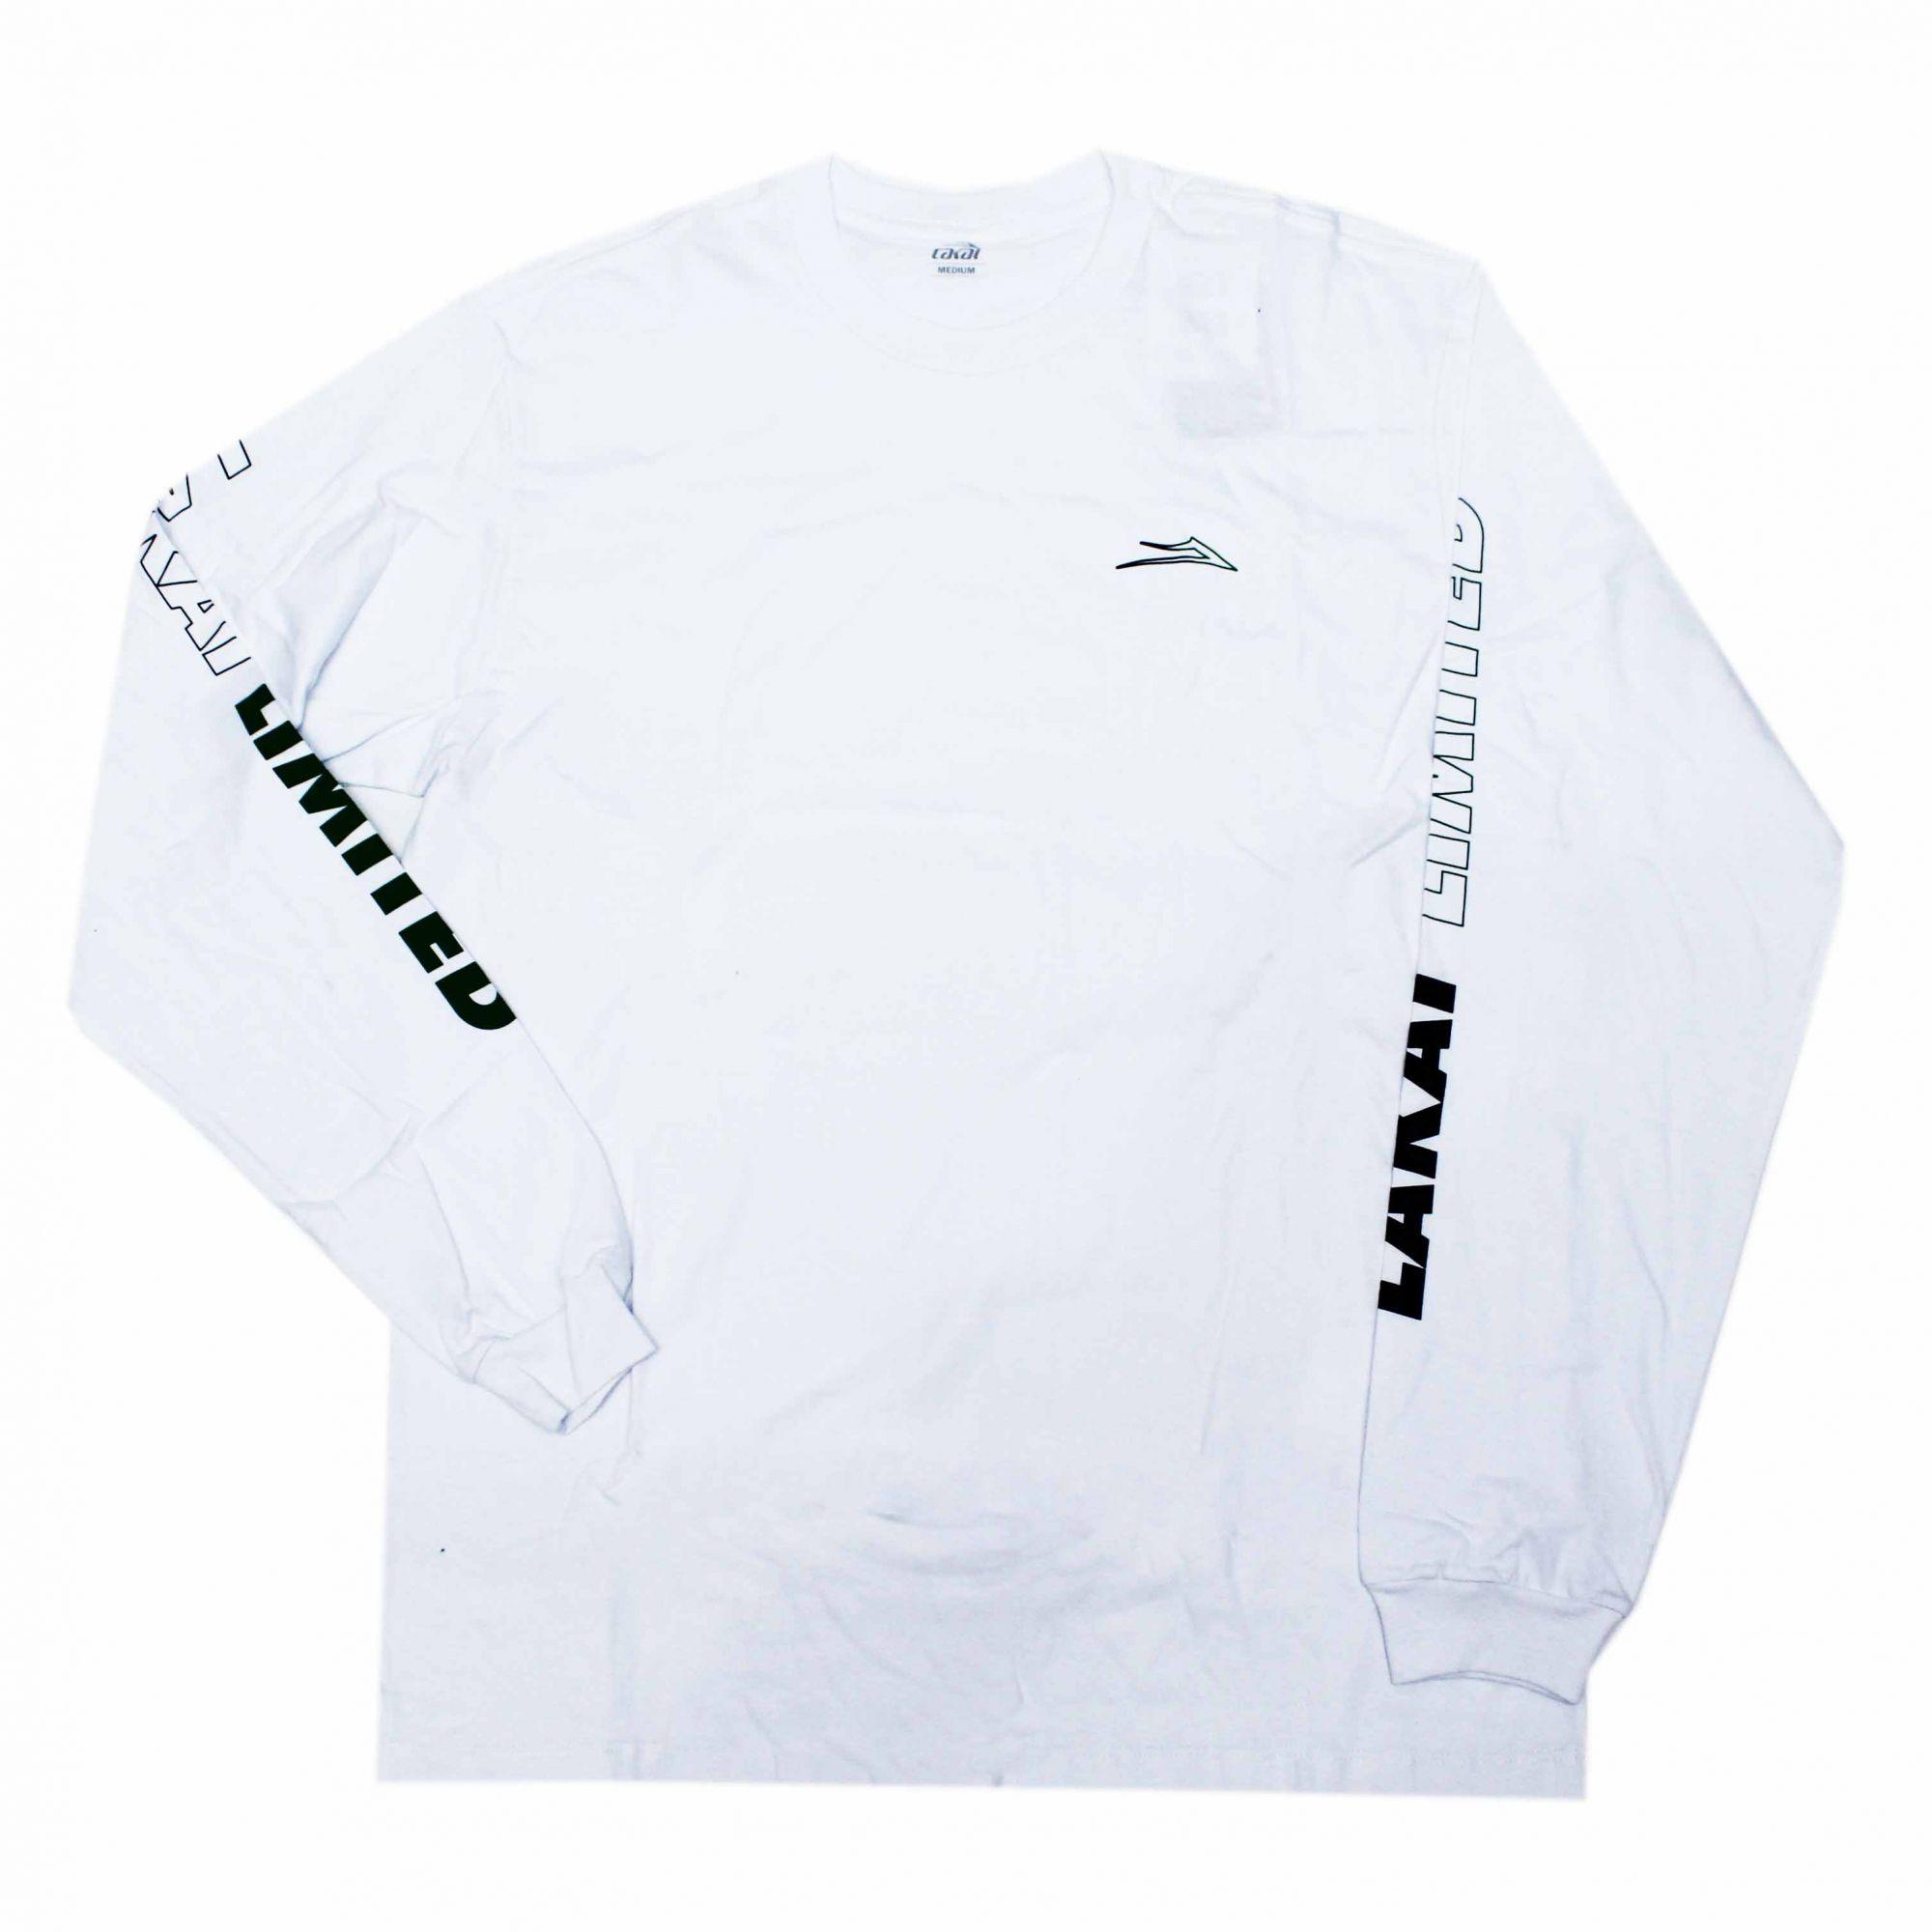 Camiseta Manga Longa Lakai Racing - Branco